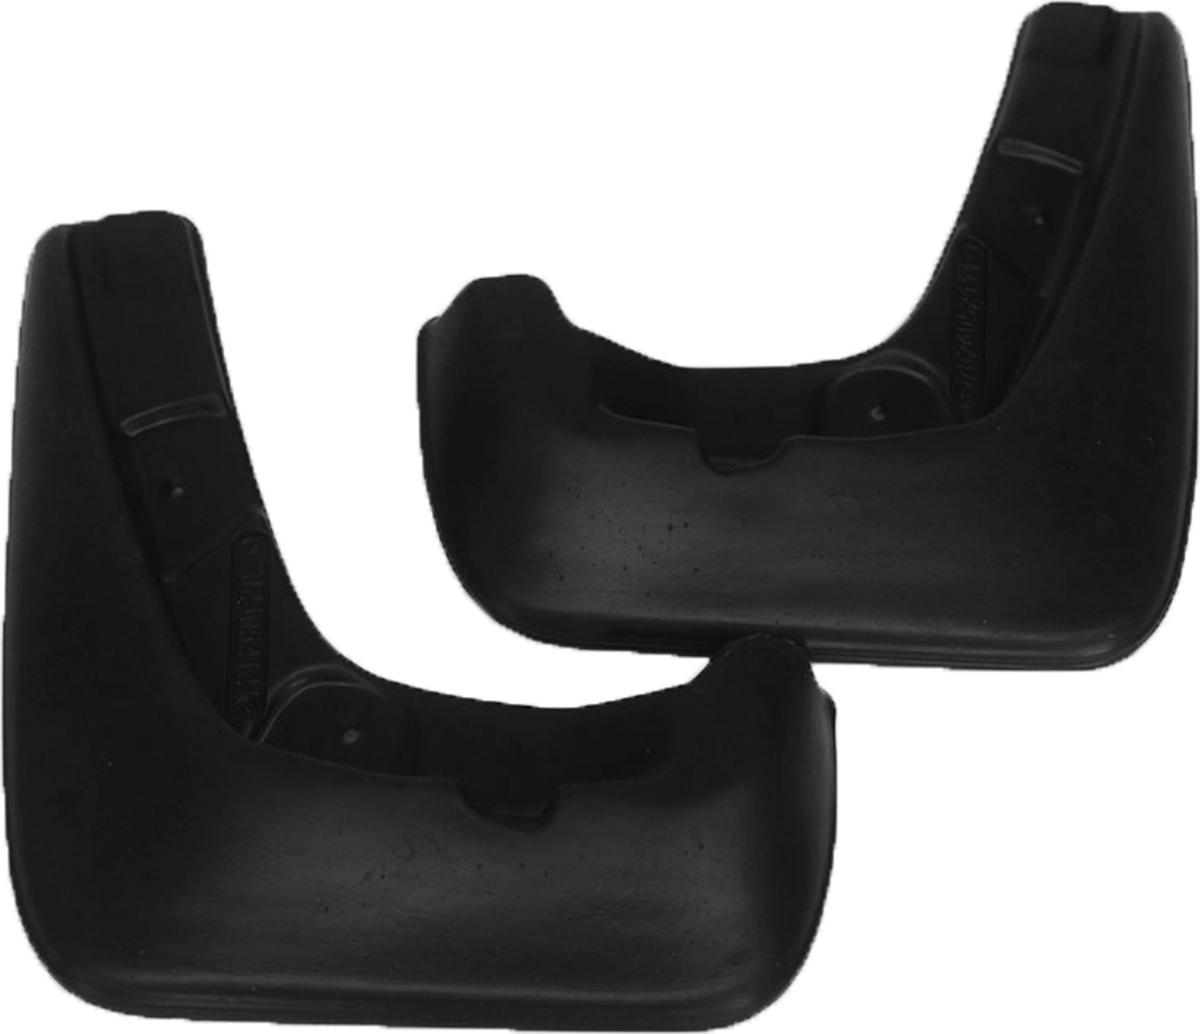 Комплект передних брызговиков L.Locker, для MG 5 hb (12-)7024052151Брызговики L.Locker изготовлены из высококачественного полиуретана. Уникальный состав брызговиков допускает их эксплуатацию в широком диапазоне температур: от -50°С до +80°С. Эффективно защищают кузов автомобиля от грязи и воды - формируют аэродинамический поток воздуха, создаваемый при движении вокруг кузова таким образом, чтобы максимально уменьшить образование грязевой измороси, оседающей на автомобиле. Разработаны индивидуально для каждой модели автомобиля, с эстетической точки зрения брызговики являются завершением колесной арки.